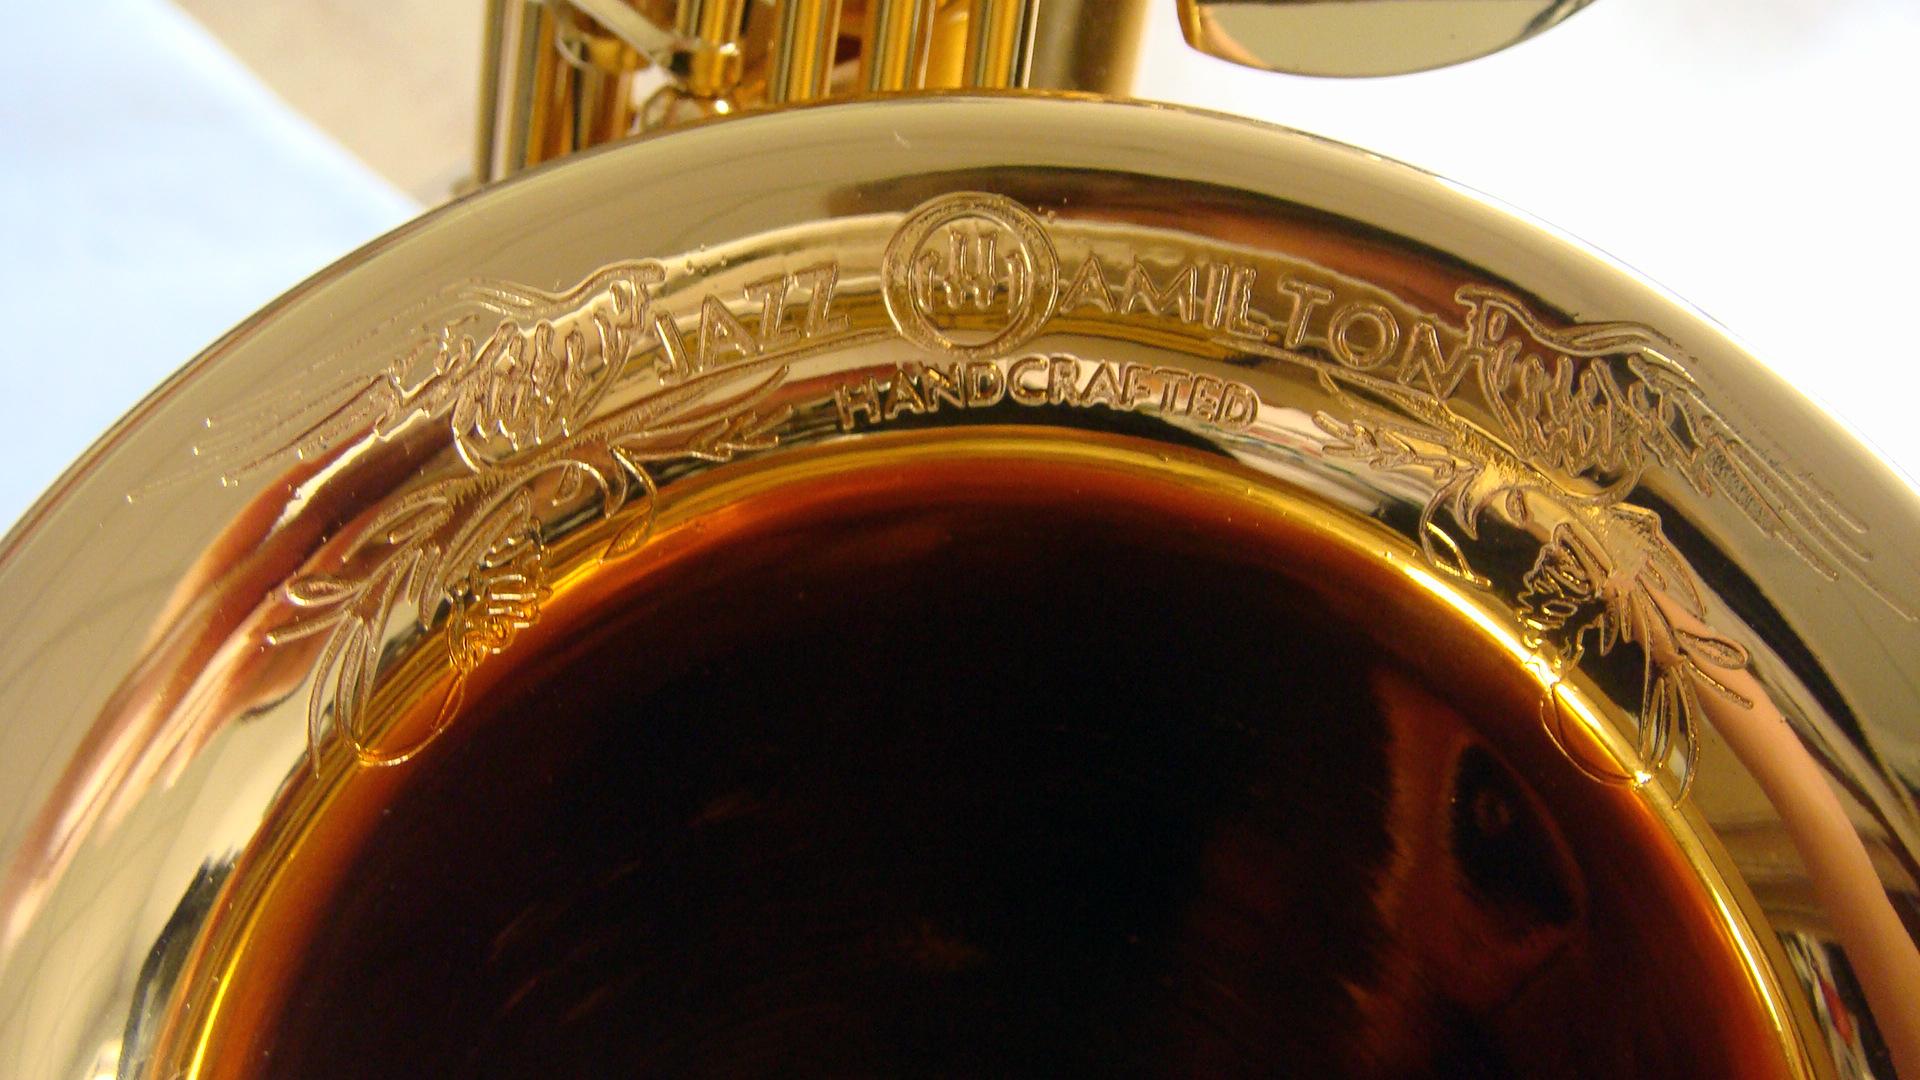 Alto Saxophone Wallpaper Saxophones 1920x1080